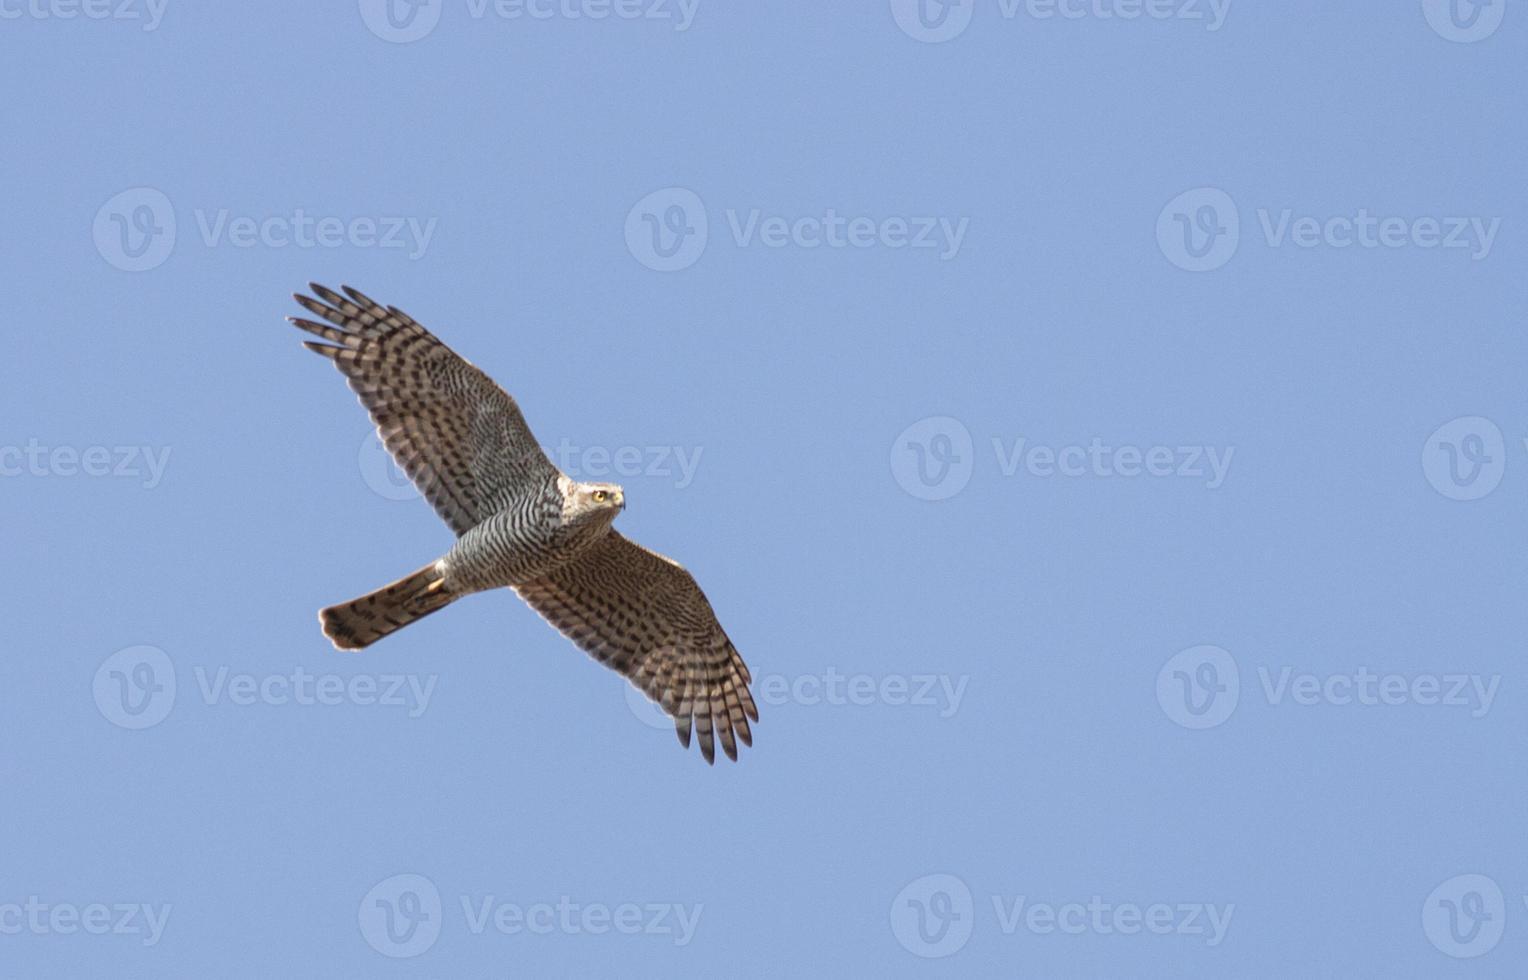 Sparrowhawk (Accipiter nisus) photo